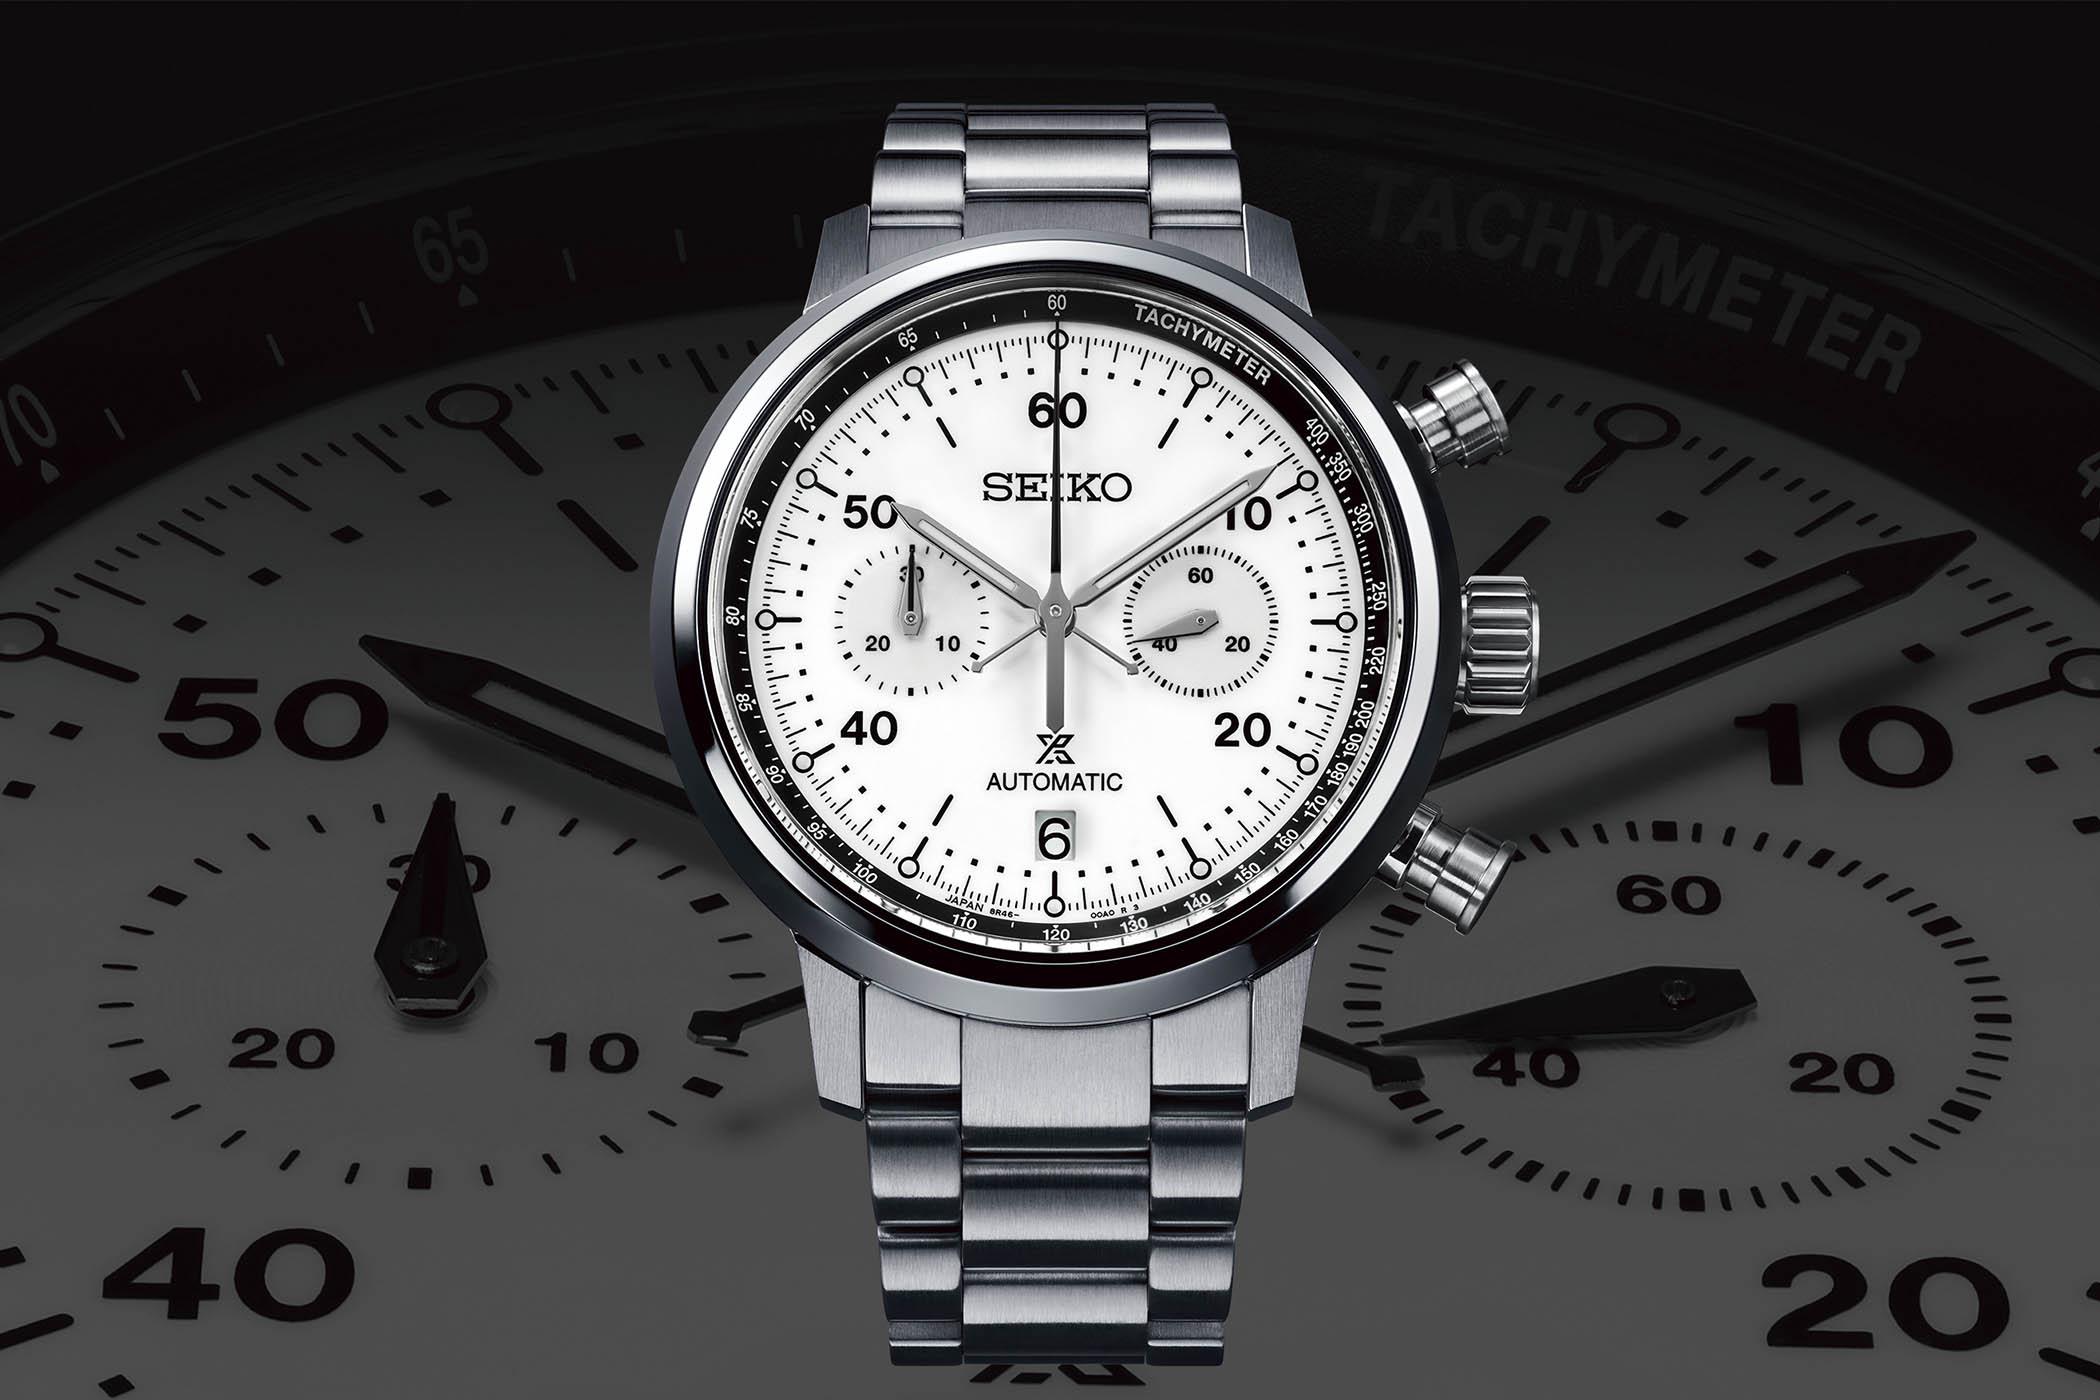 2021 Seiko Prospex Speedtimer Mechanical Chronograph SRQ035 & SRQ037